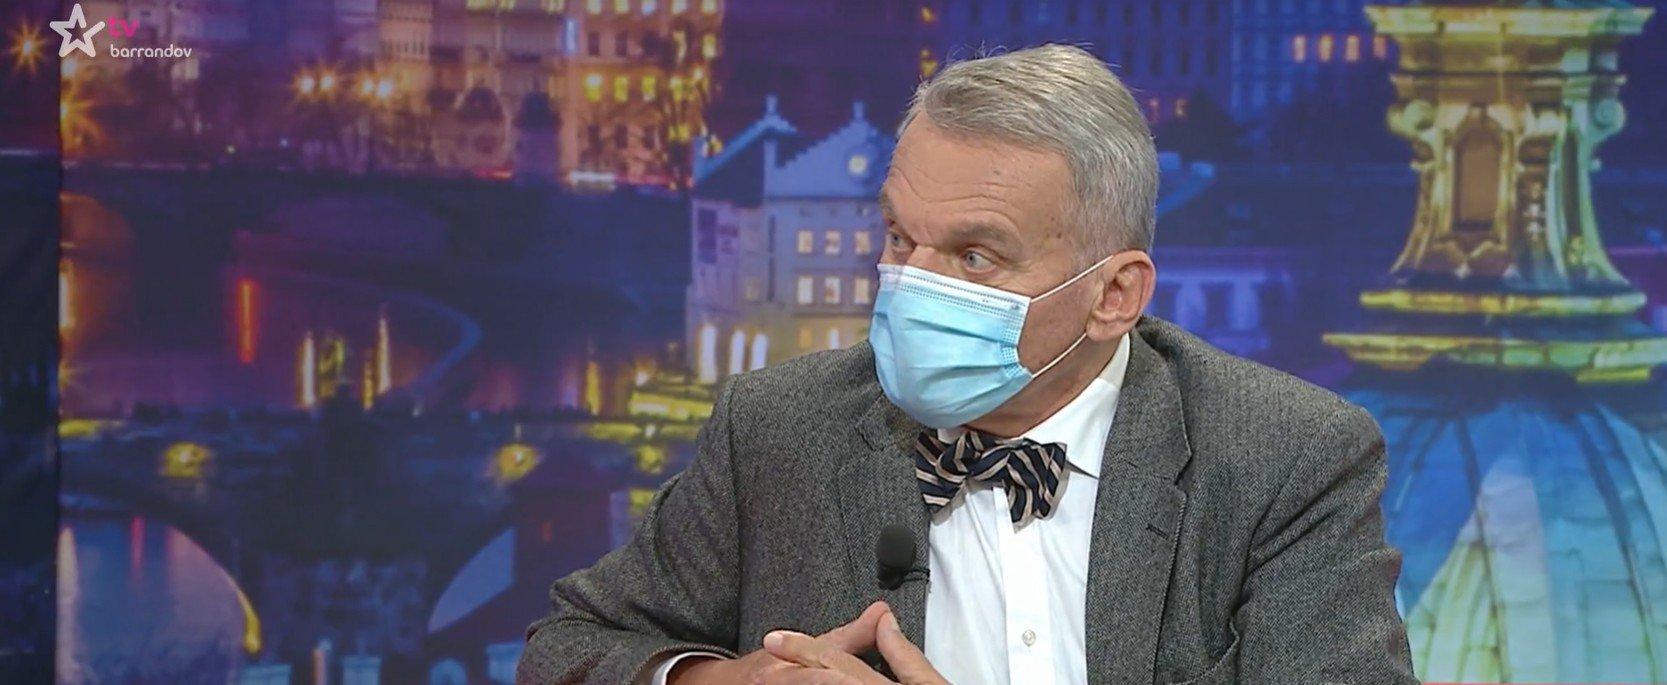 TV Barrandov: Potřebujeme připravit pravý pandemický plán